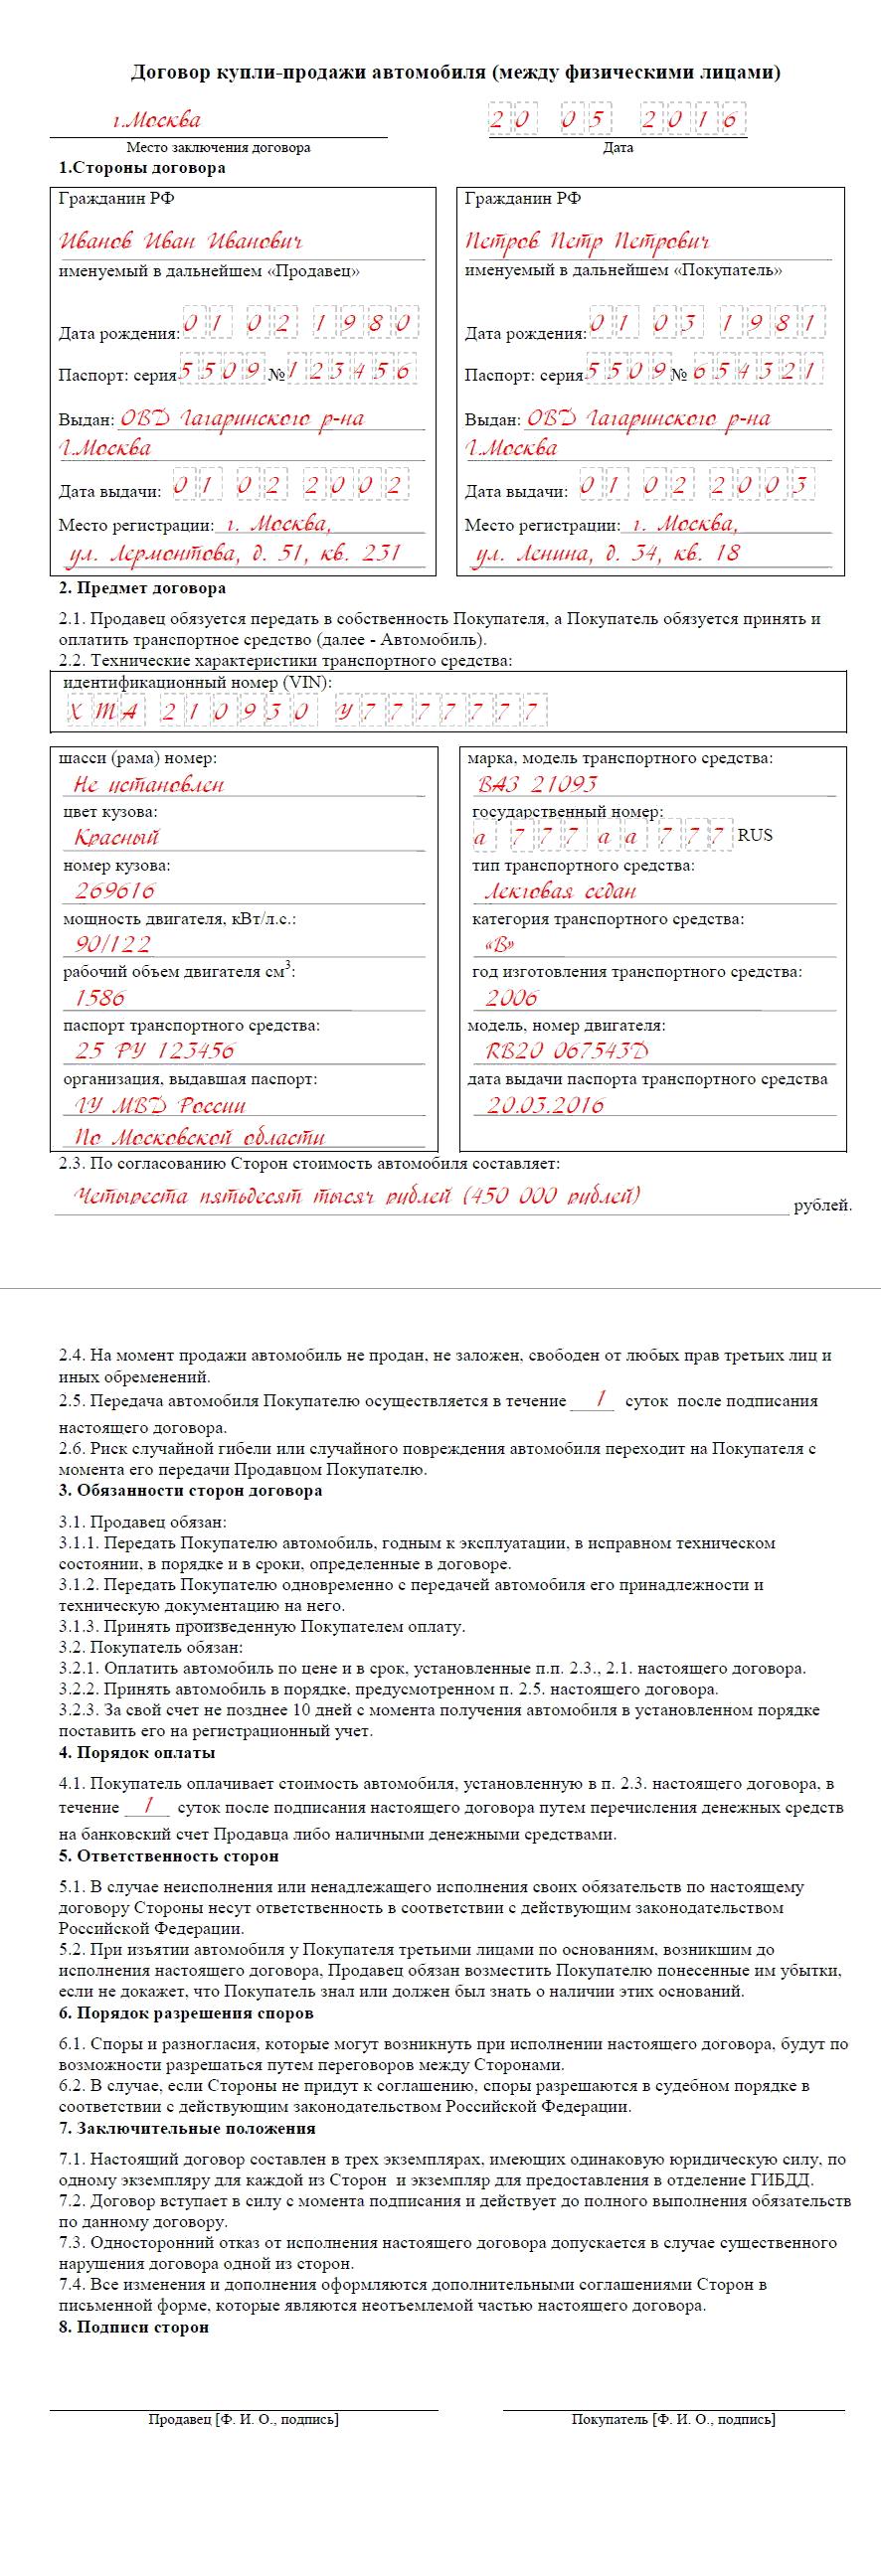 бланк договора купли=продажи автомобиля